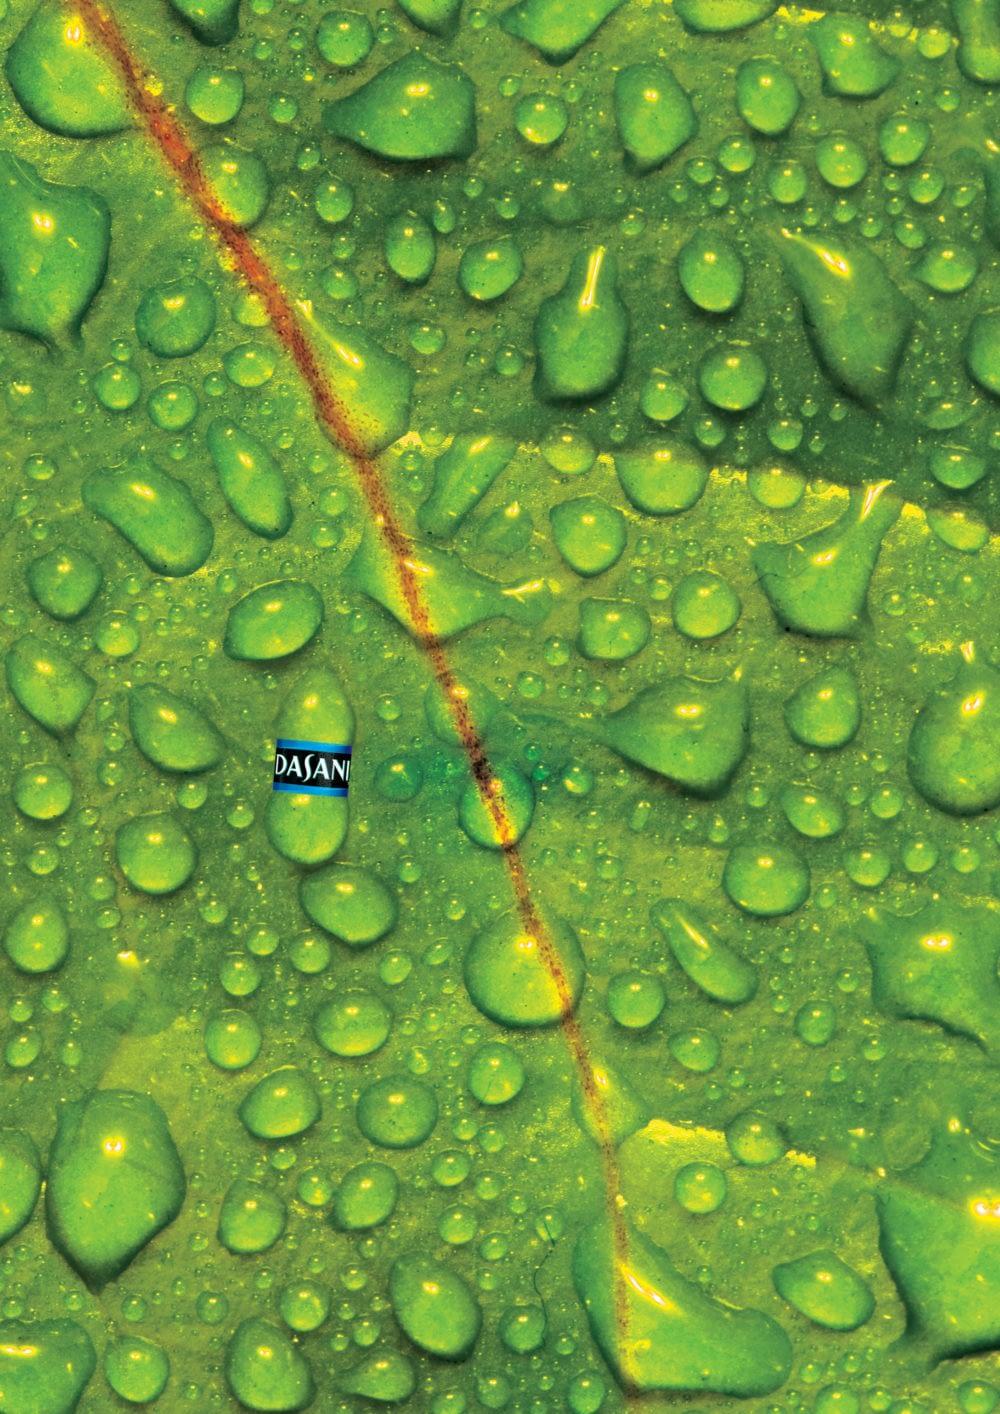 Dasani-Water-Egypt-print-campaign-drop